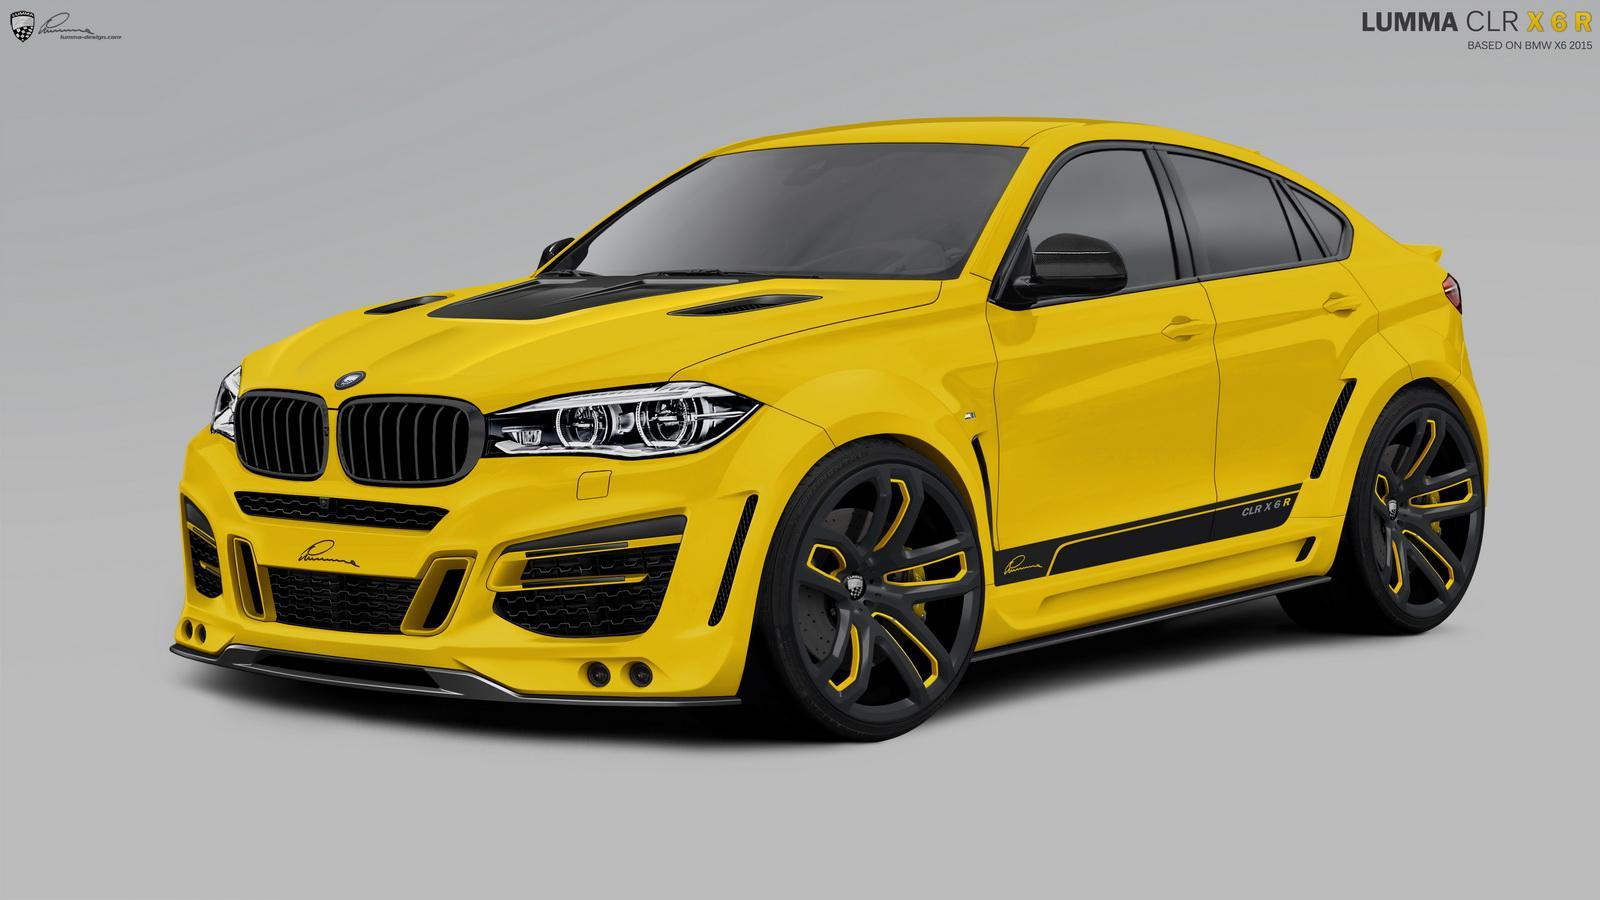 Lumma CLR X6 R, tuning BMW X6